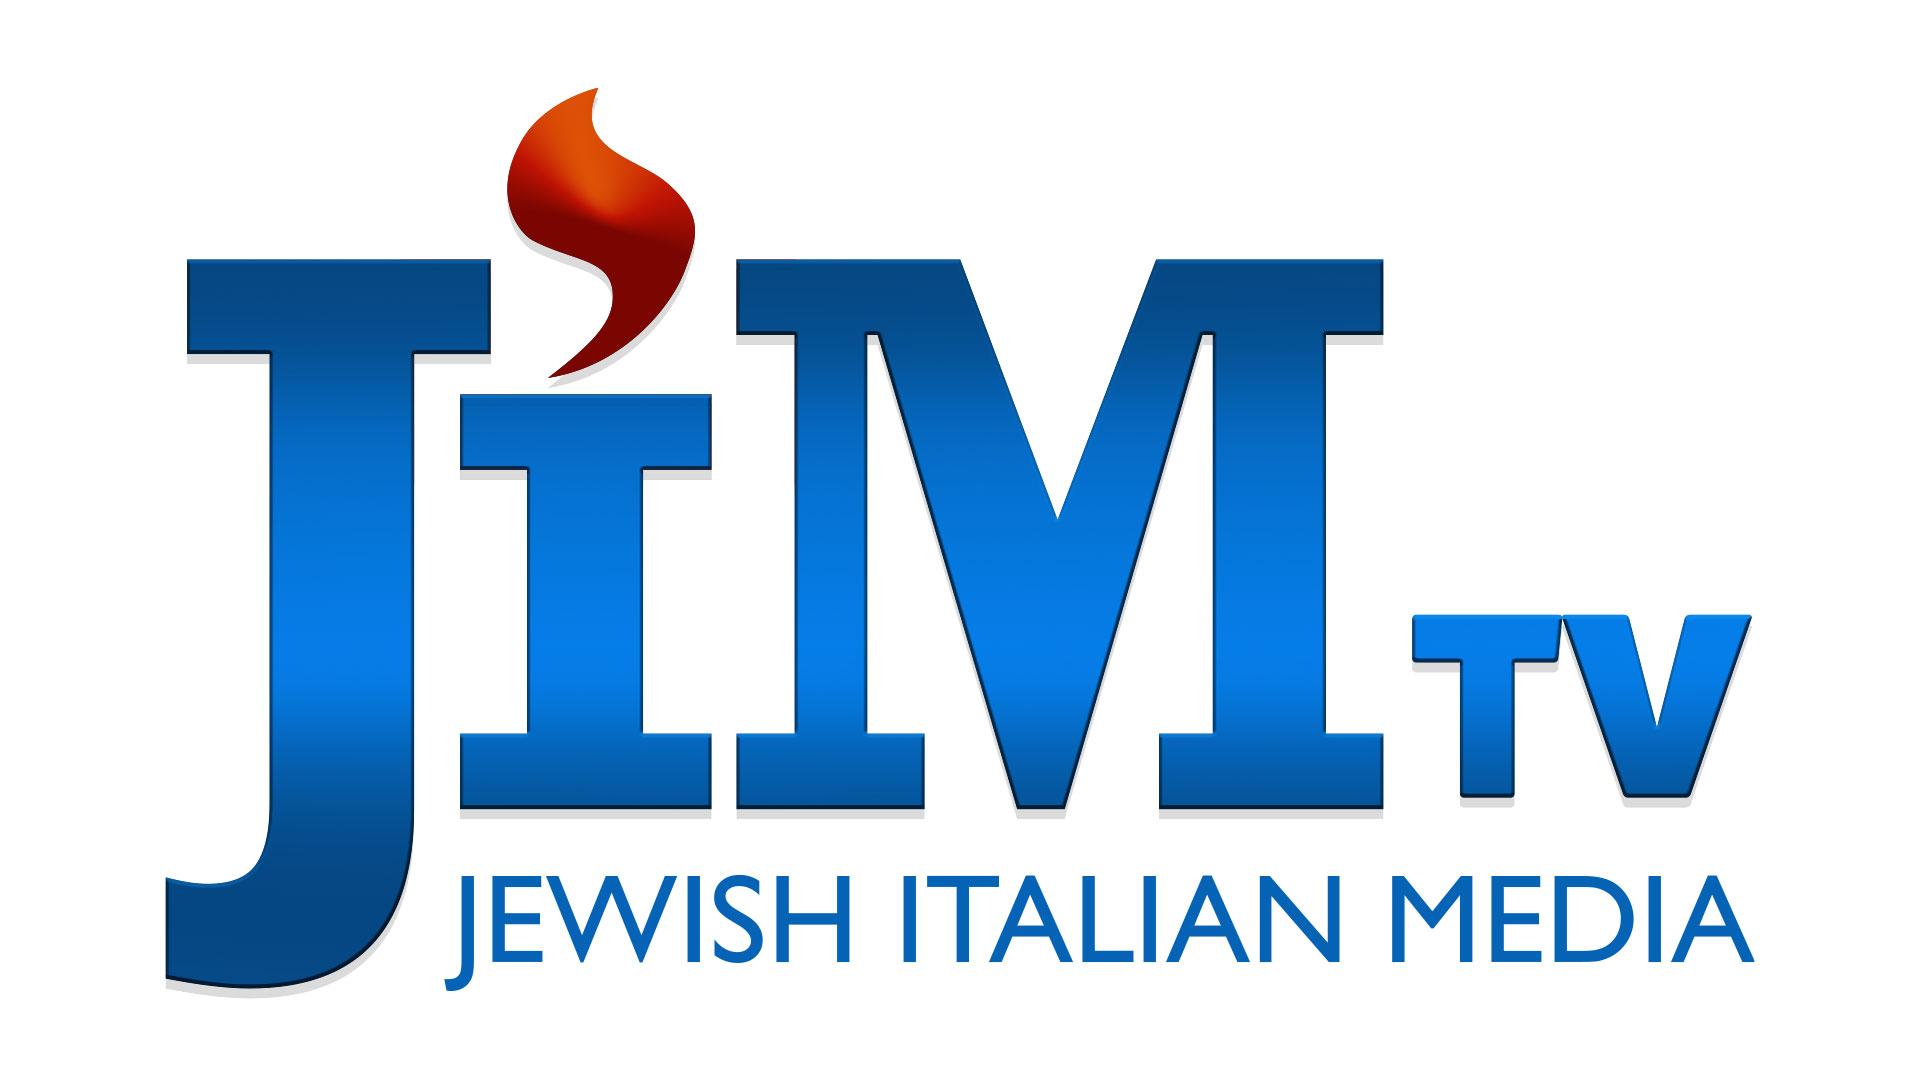 jewish italian media